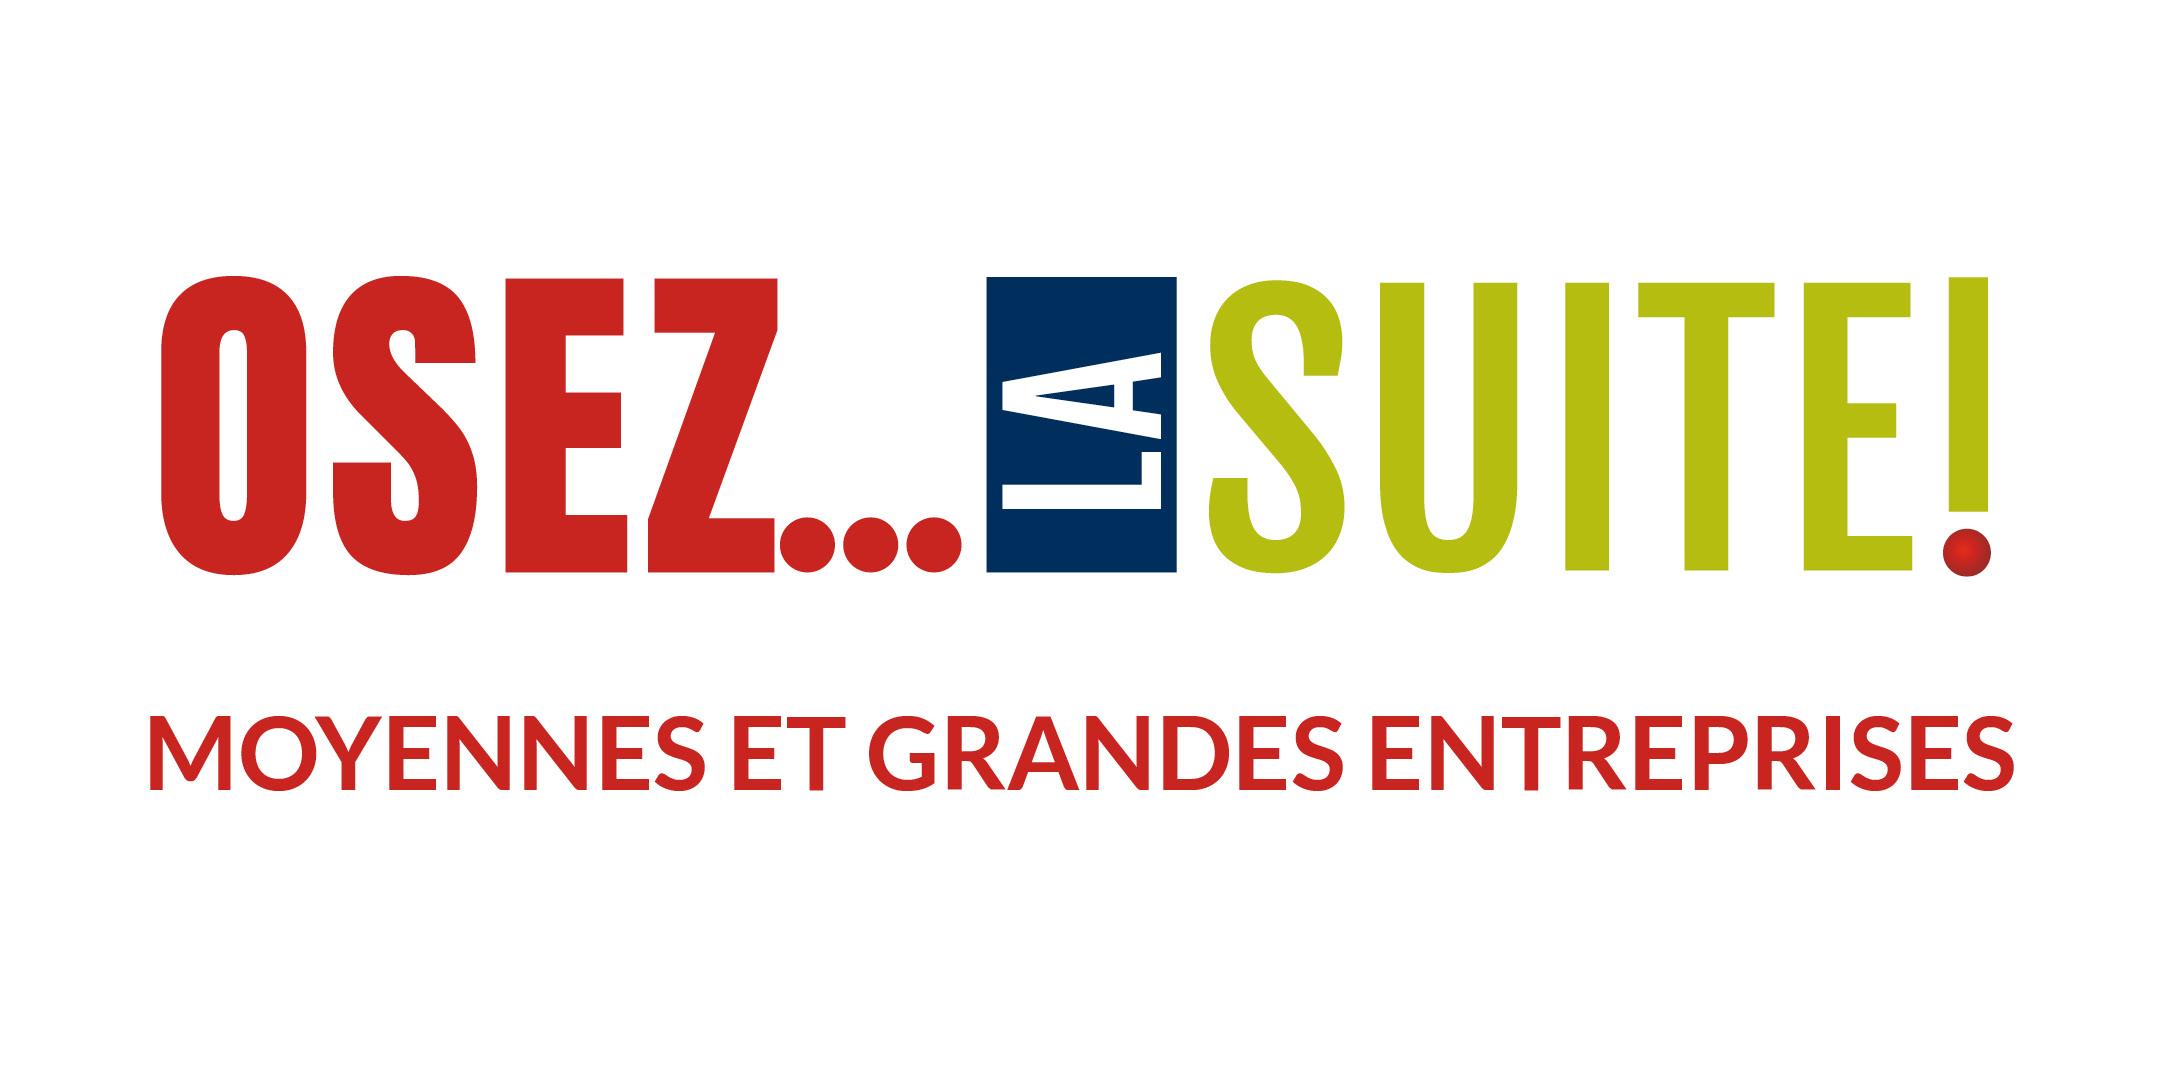 OsezlaSuite-moyennes et grandes entreprises